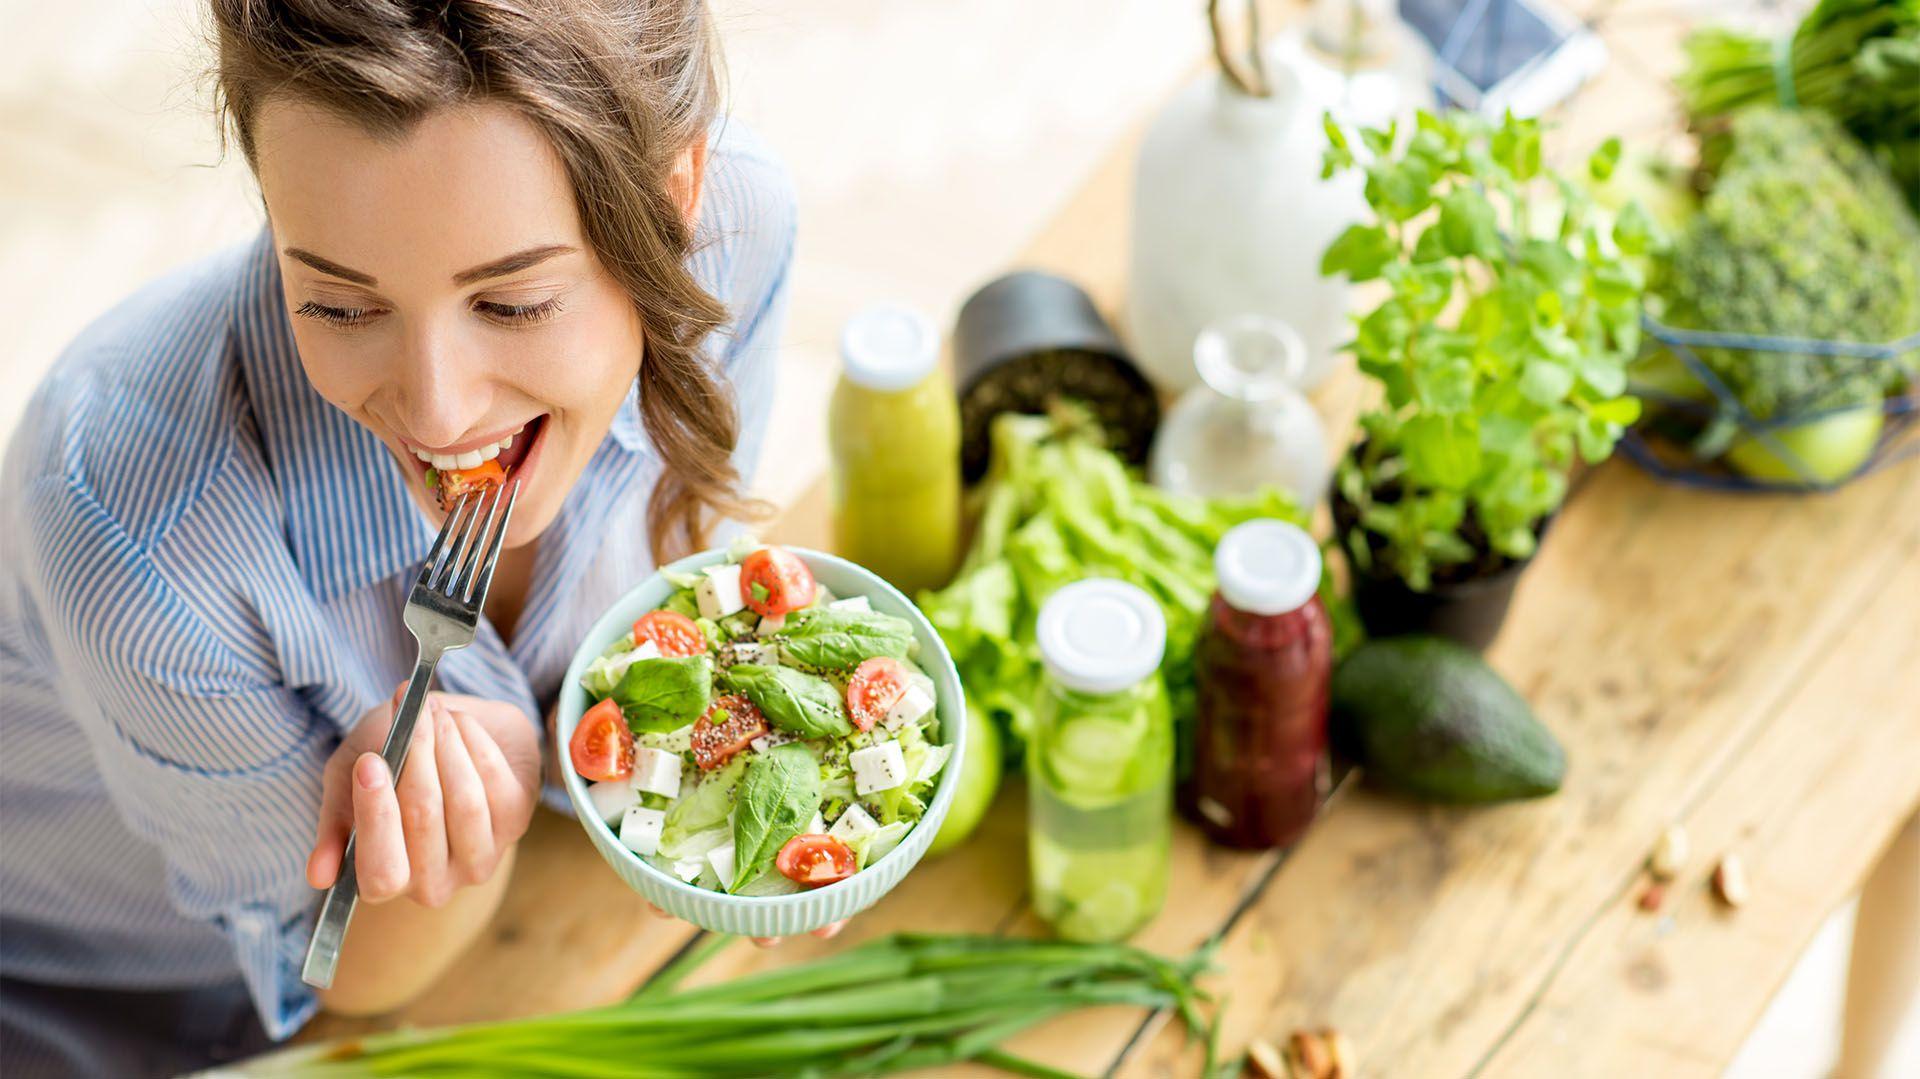 Aunque estamos diseñados ancestralmente para obtener más de todo aquello que nos causa placer, como la comida, es posible cambiar gracias a la neuroplasticidad (Shutterstock)